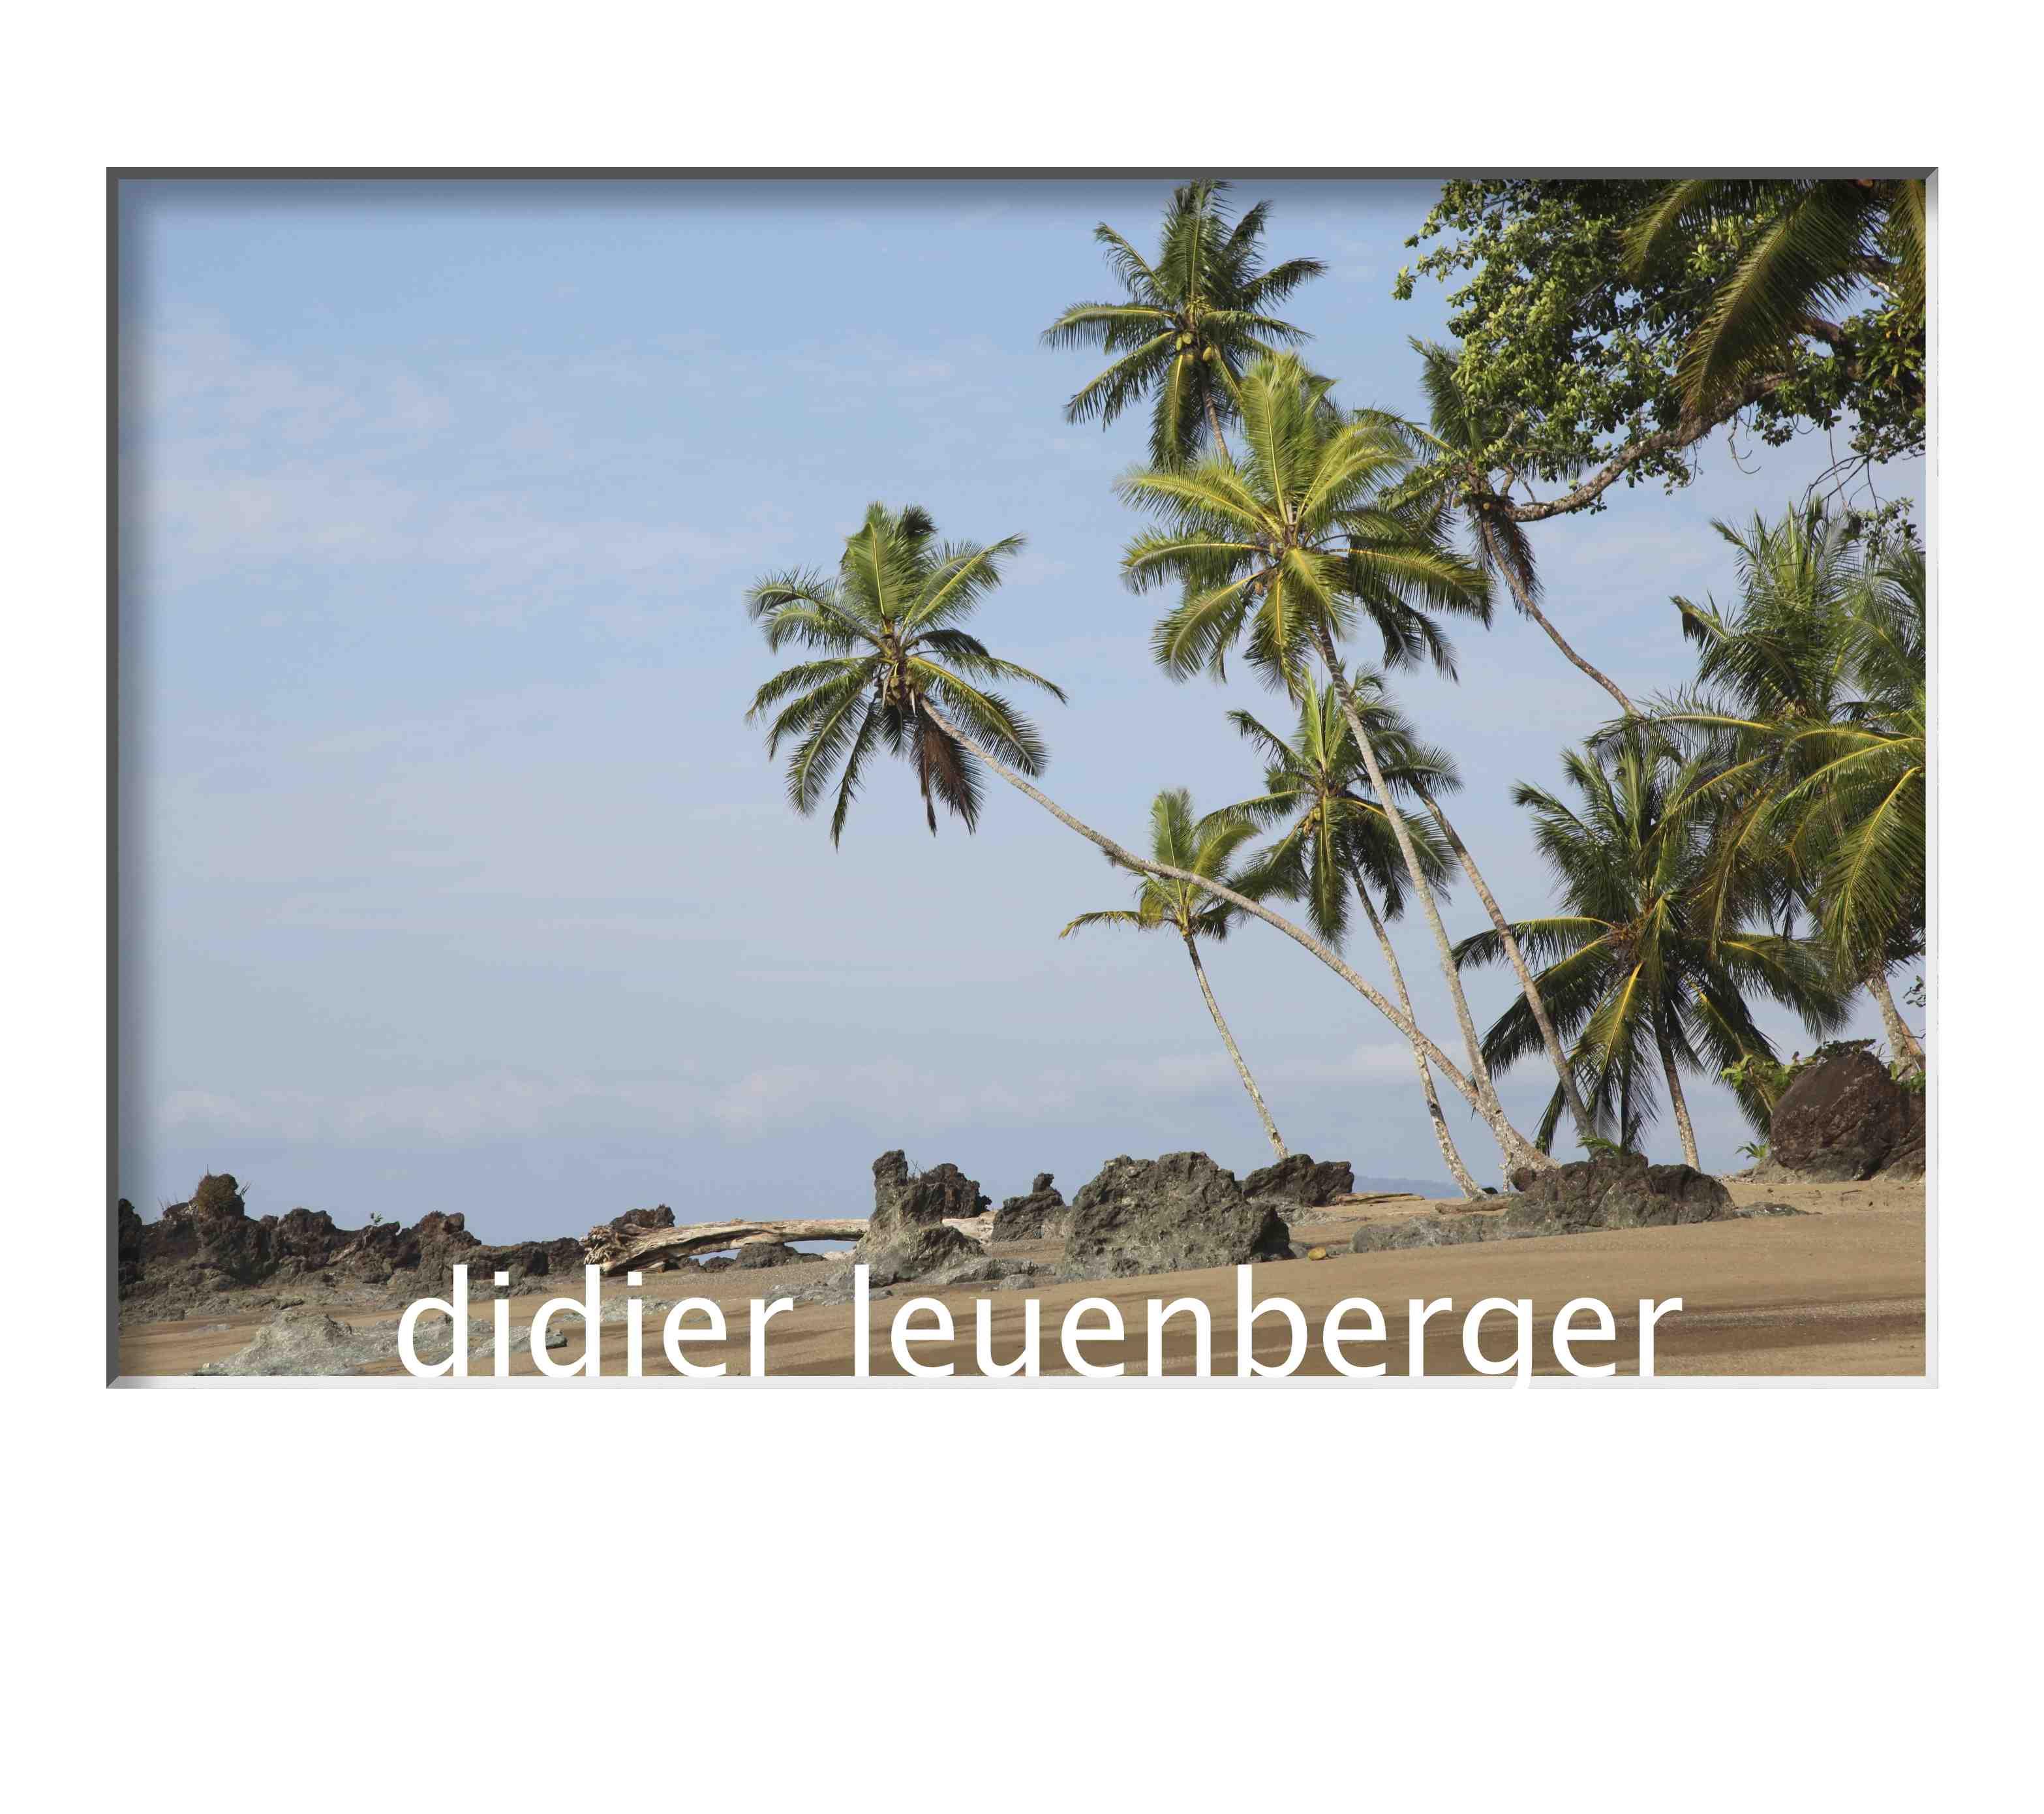 COSTA RICA D5 HIVER 2011-2012 374.jpg